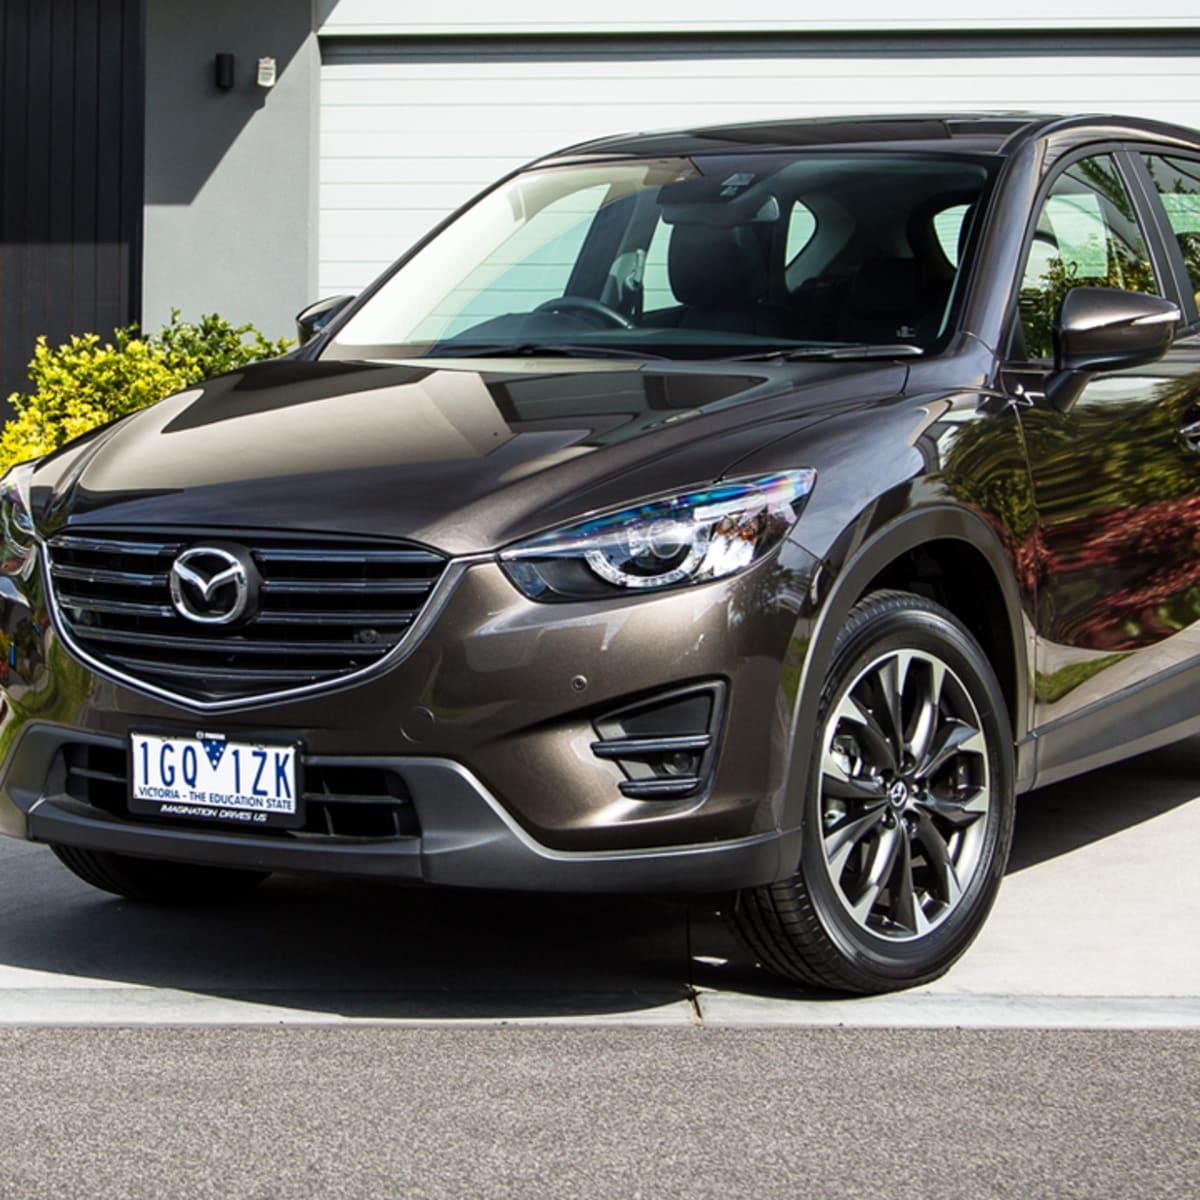 Kekurangan Mazda Cx 5 2014 Murah Berkualitas